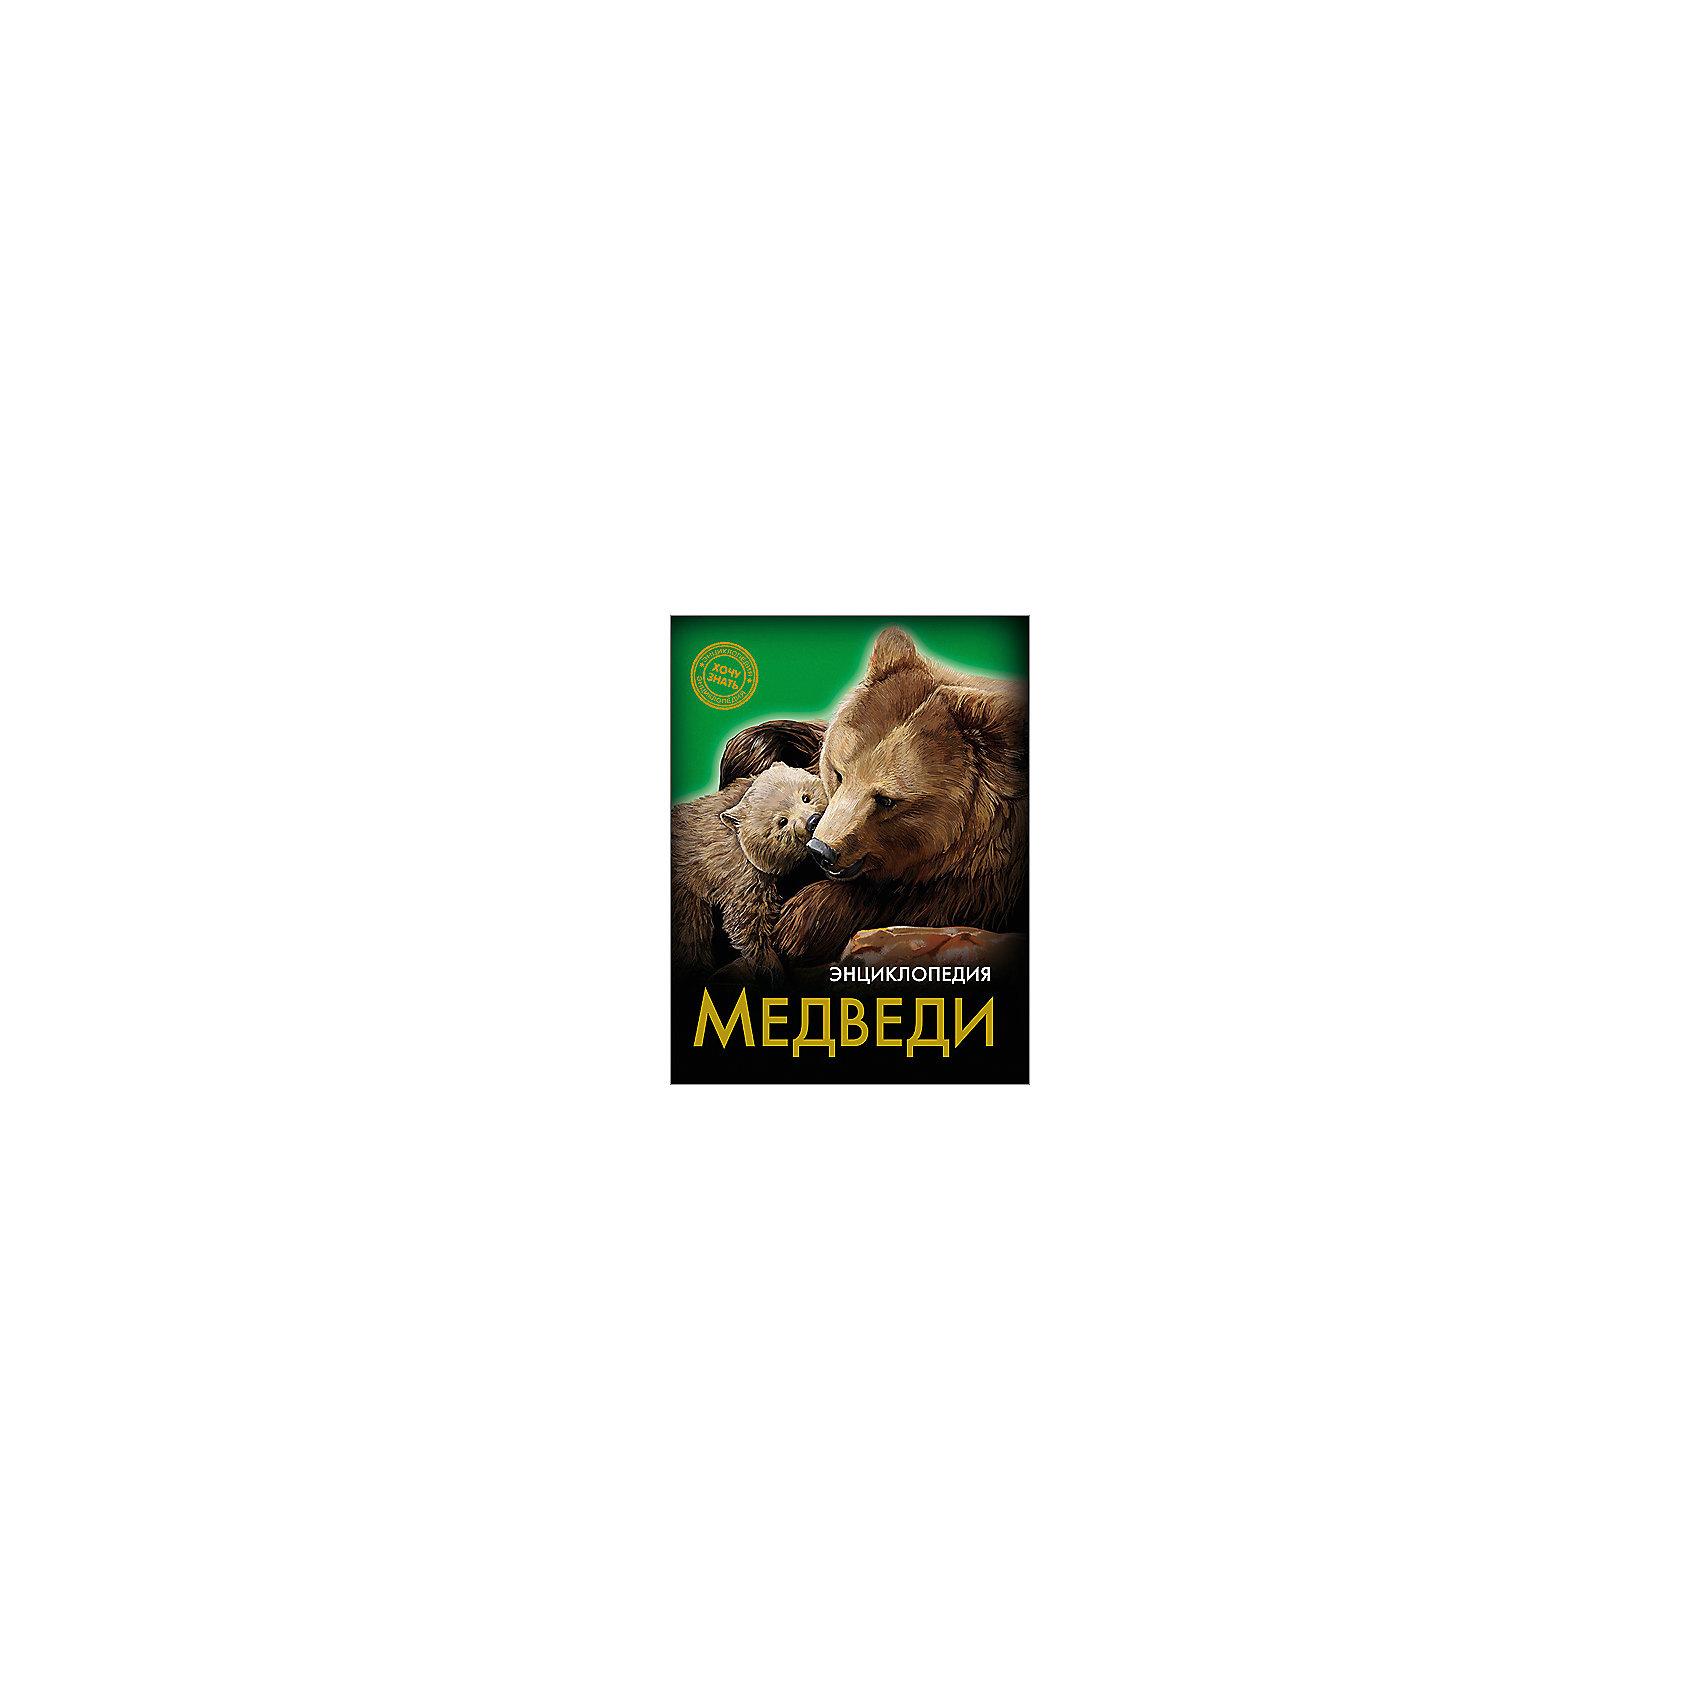 Энциклопедия МедведиЭнциклопедии о животных<br>Эта энциклопедия расскажет много нового о медведях! В этом издании вы найдете множество интересных и увлекательных тем и фактов, изложенных простым, понятным для детей языком, дополненных яркими иллюстрациями. Энциклопедия в твердой красочной обложке станет прекрасным подарком на любой праздник и обязательно заинтересует ребенка, поможет расширить кругозор и увеличить словарный запас. <br><br>Дополнительная информация:<br><br>- Автор: Соколова Ярослава.<br>- Художник: Ткач-Боровкова Роксолана.<br>- Формат: 21,6х17 см.<br>- Переплет: твердый, 7БЦ.<br>- Количество страниц: 96.<br>- Иллюстрации: цветные.<br><br>Энциклопедию Медведи можно купить в нашем магазине.<br><br>Ширина мм: 170<br>Глубина мм: 5<br>Высота мм: 215<br>Вес г: 310<br>Возраст от месяцев: 72<br>Возраст до месяцев: 2147483647<br>Пол: Унисекс<br>Возраст: Детский<br>SKU: 4756244